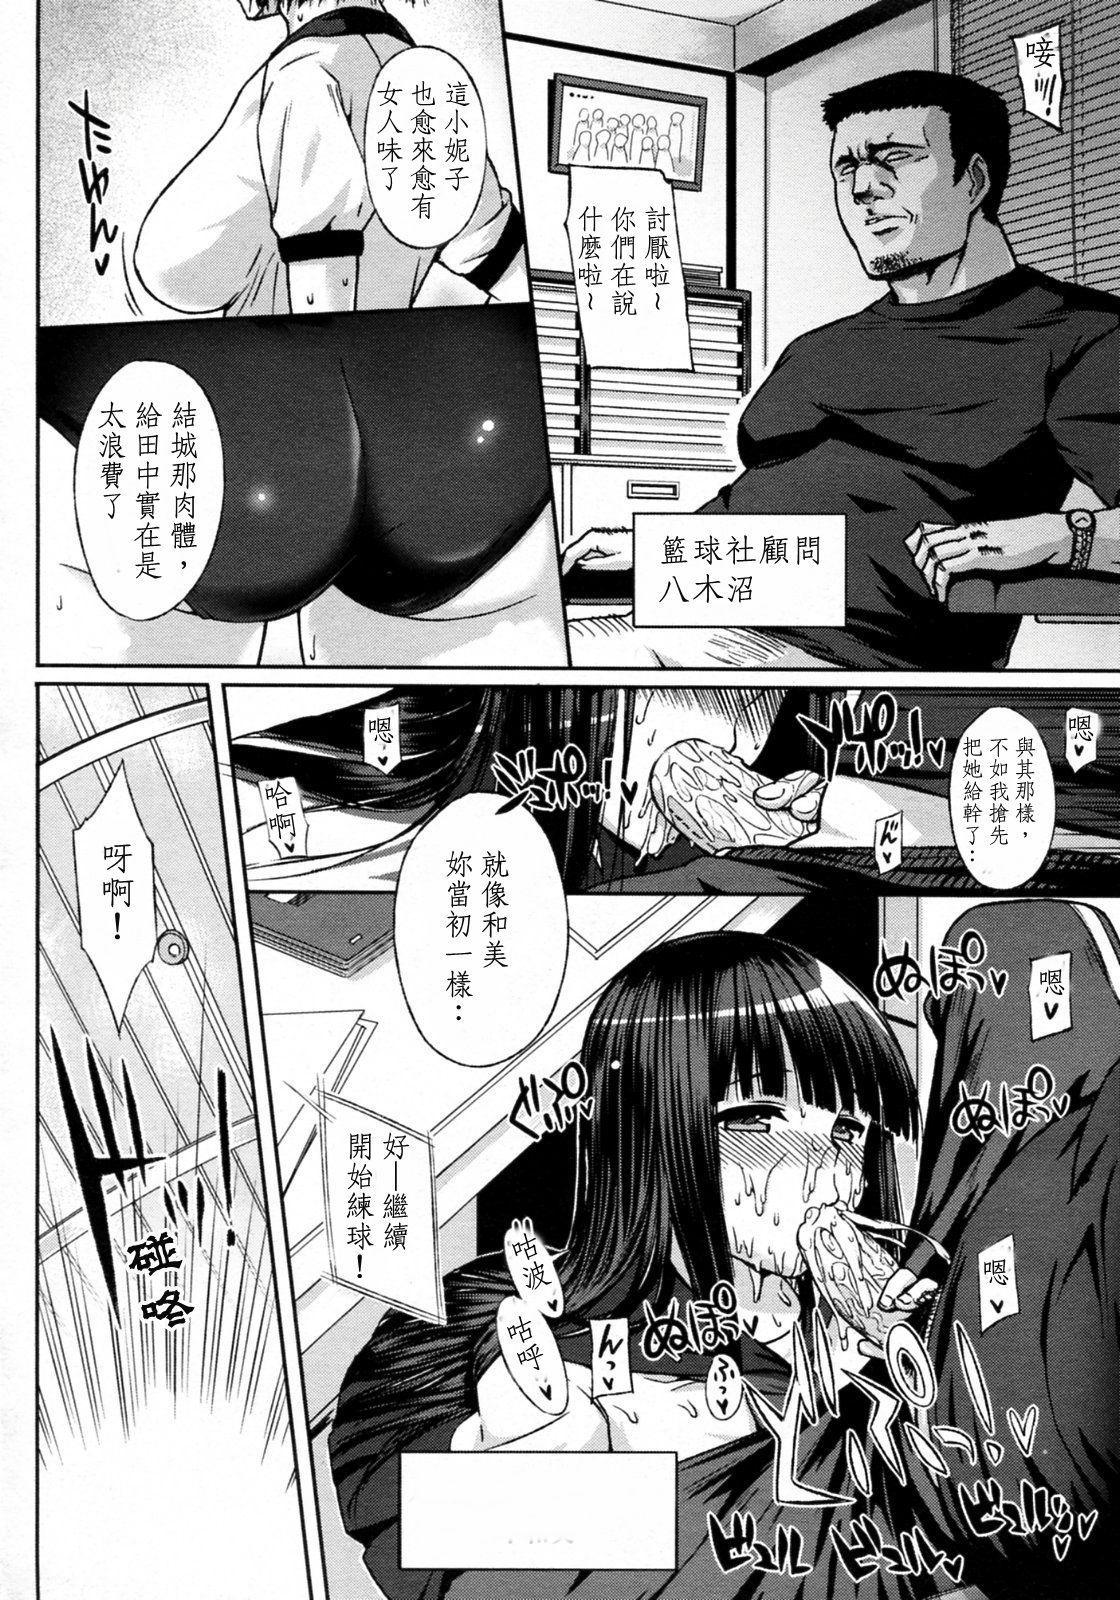 Kyou-sei Kagai Shidou 5